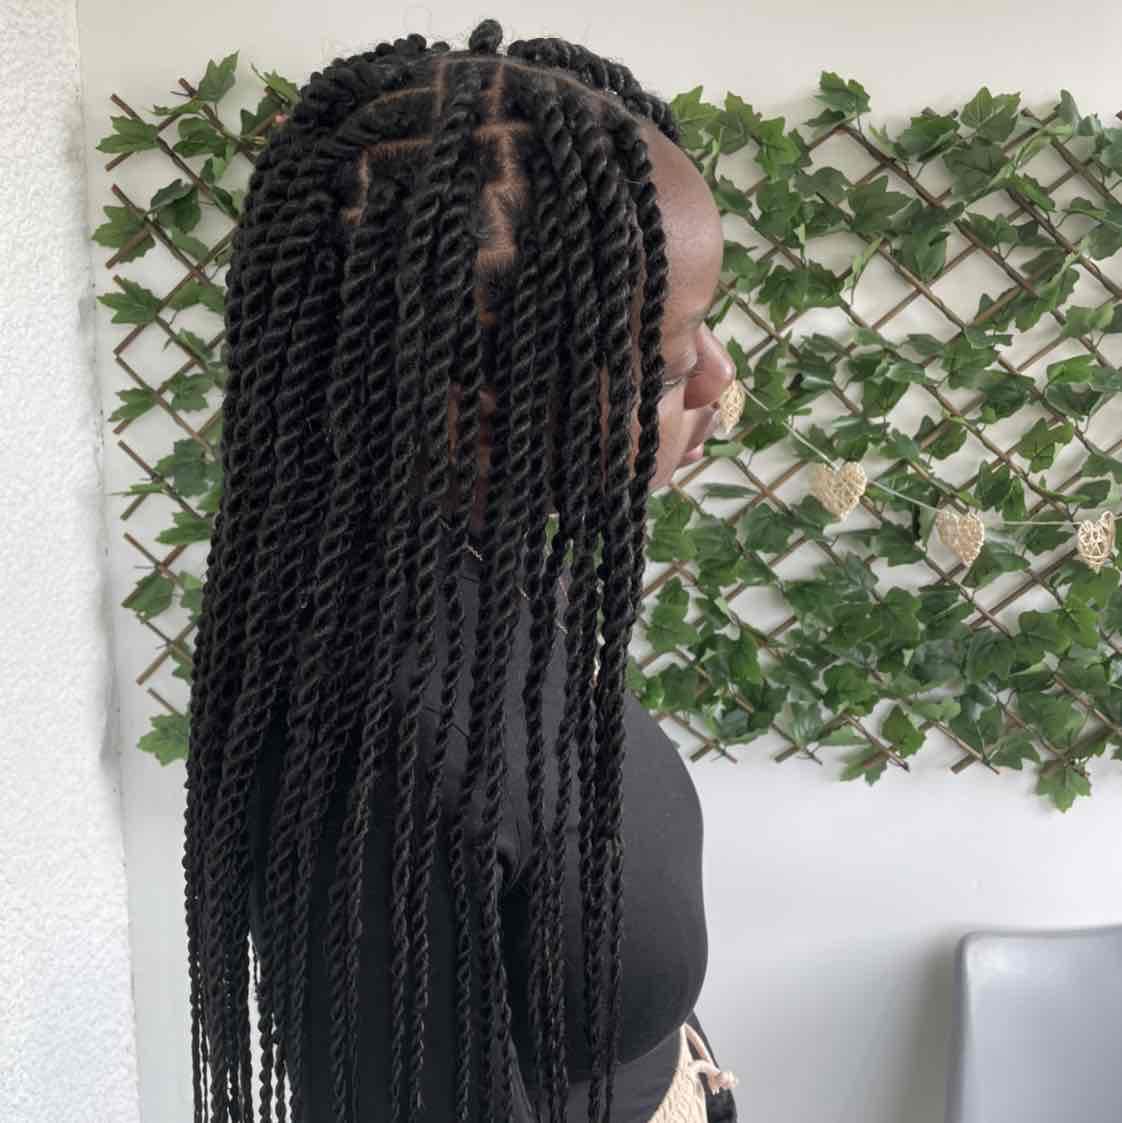 salon de coiffure afro tresse tresses box braids crochet braids vanilles tissages paris 75 77 78 91 92 93 94 95 KAWZJKZS